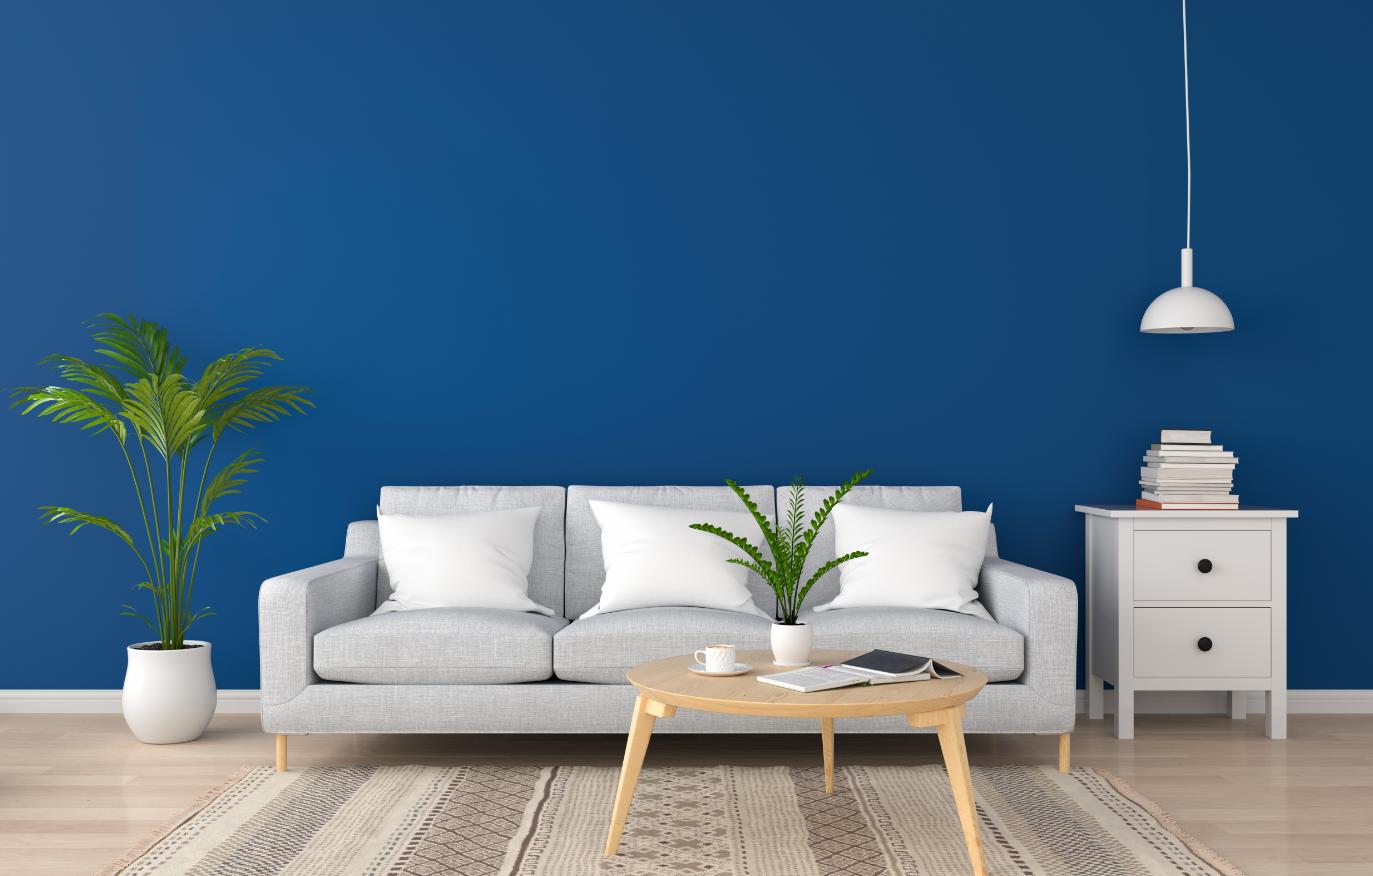 salon ściana w kolorze Classic Blue